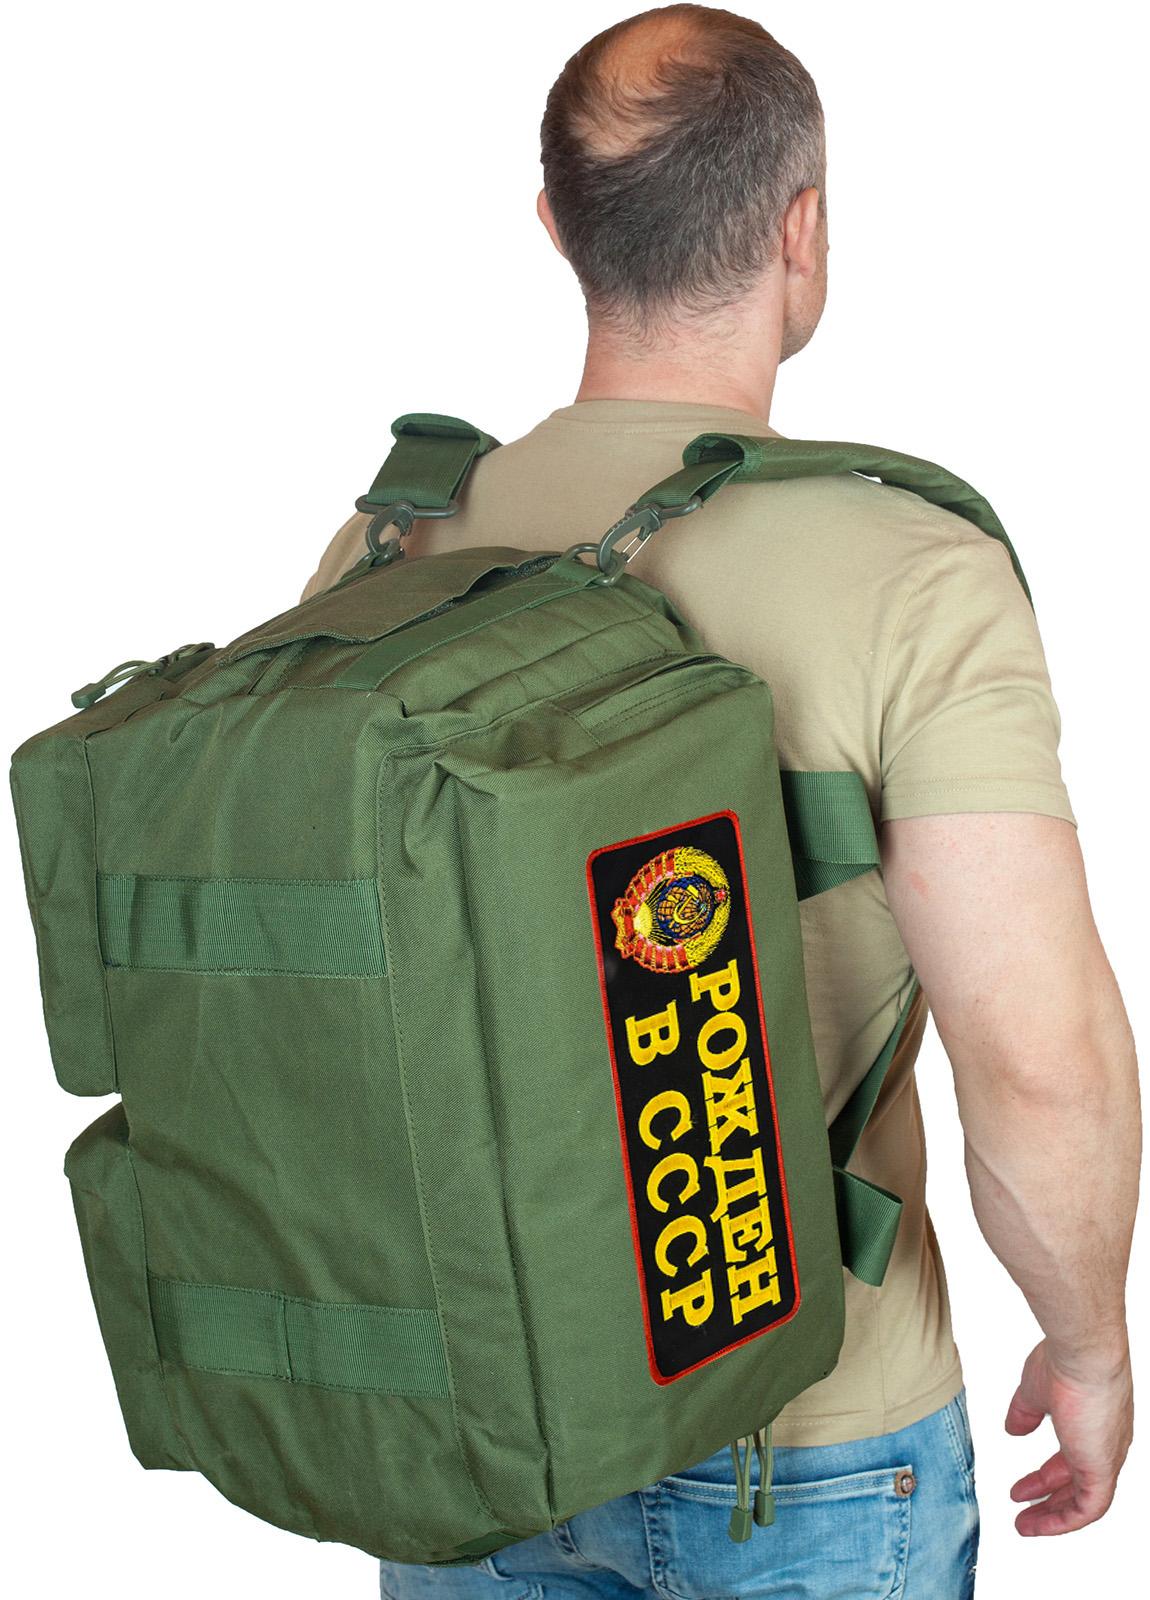 Купить заплечную тактическую сумку-рюкзак Рожден в СССР оптом или в розницу